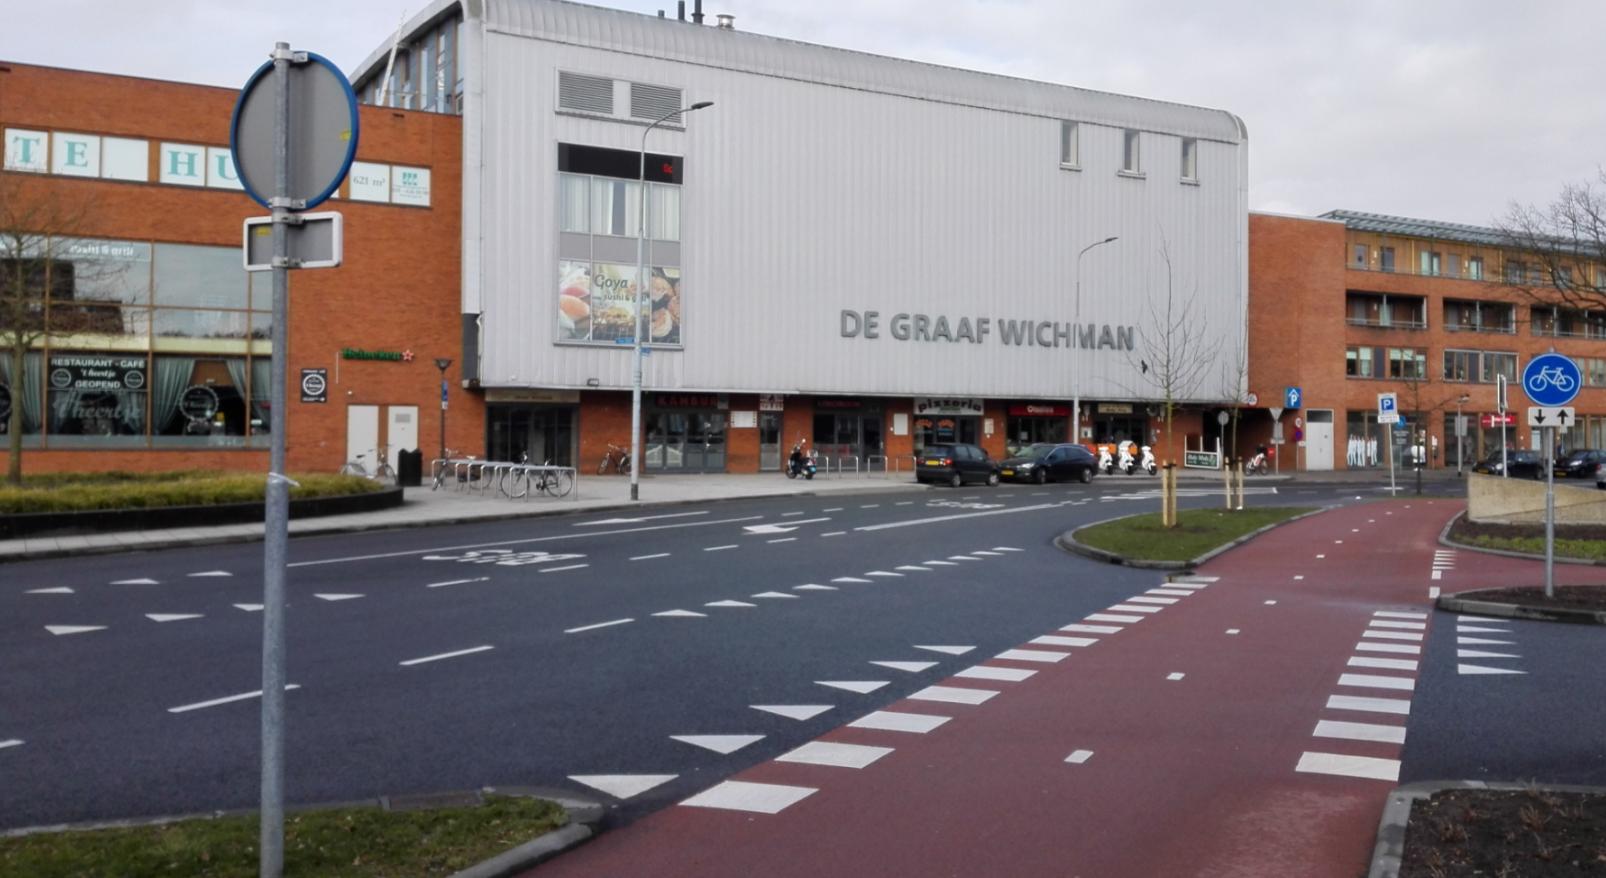 Uitgaanscentrum de Graaf Wichman